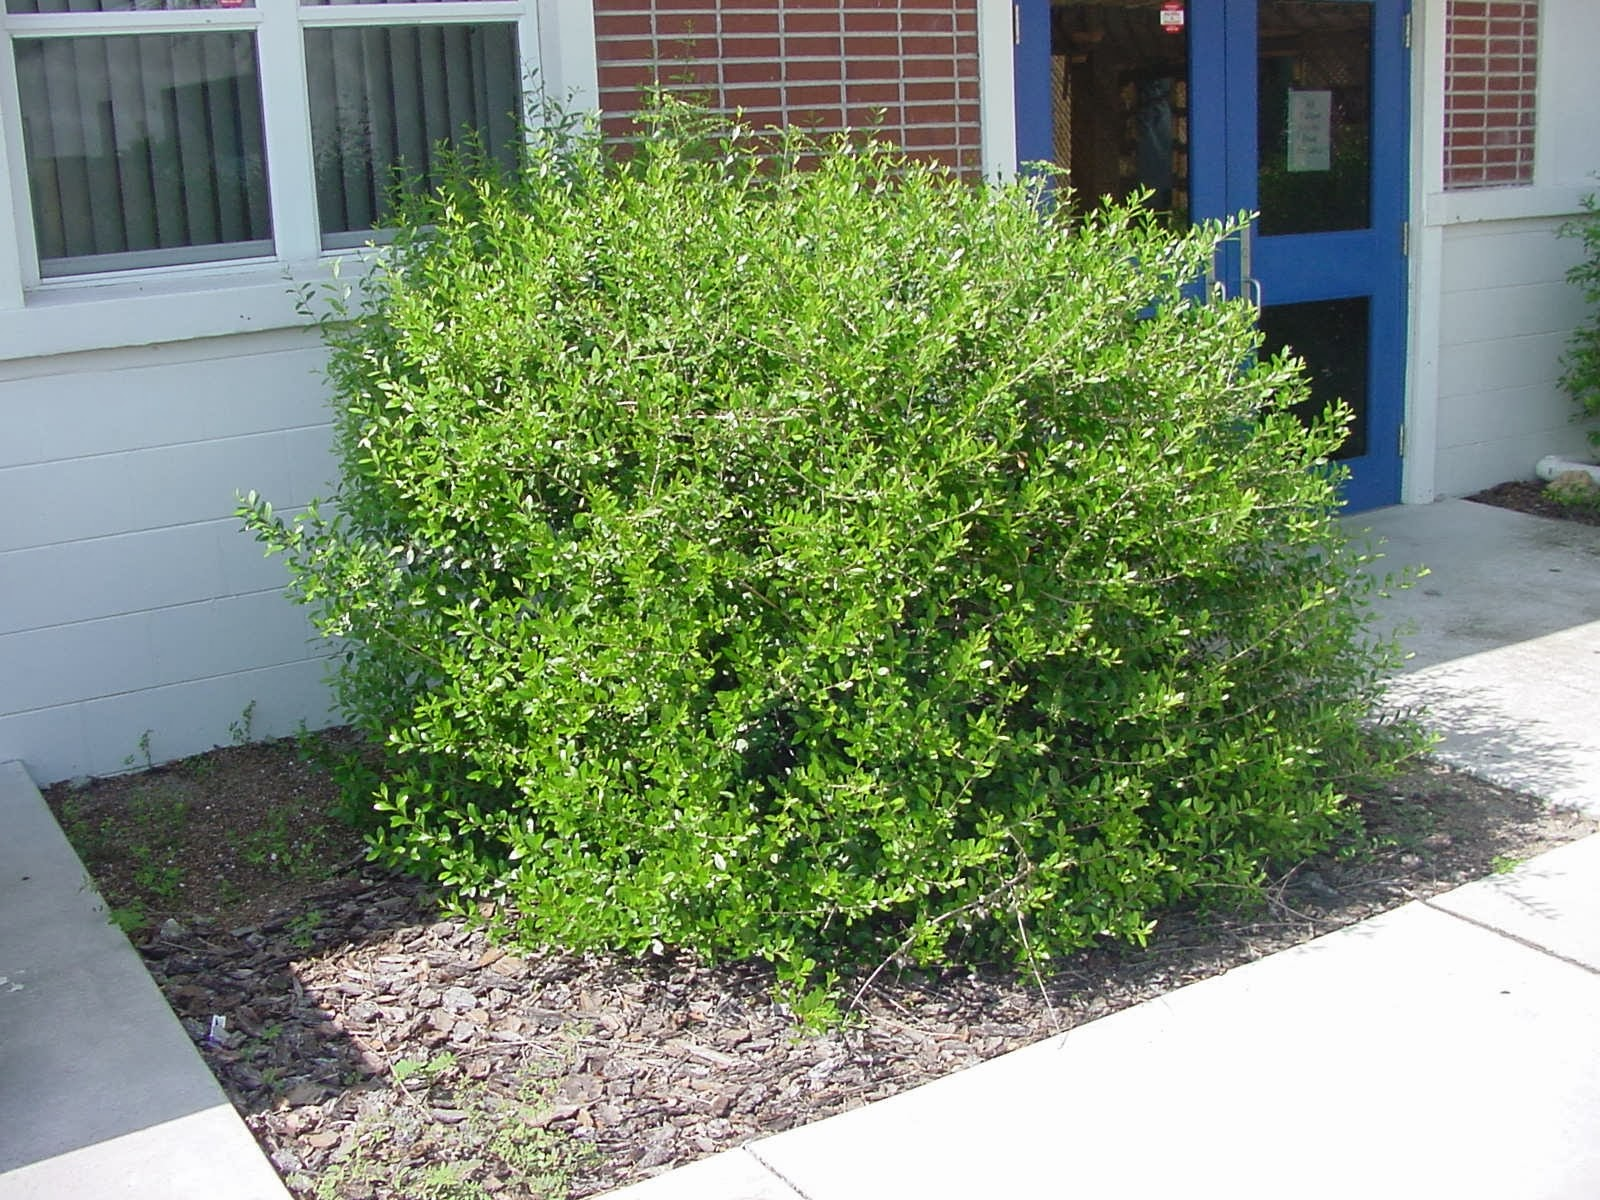 Uf ifas extension polk gardening native shrubs for for Landscaping shrubs